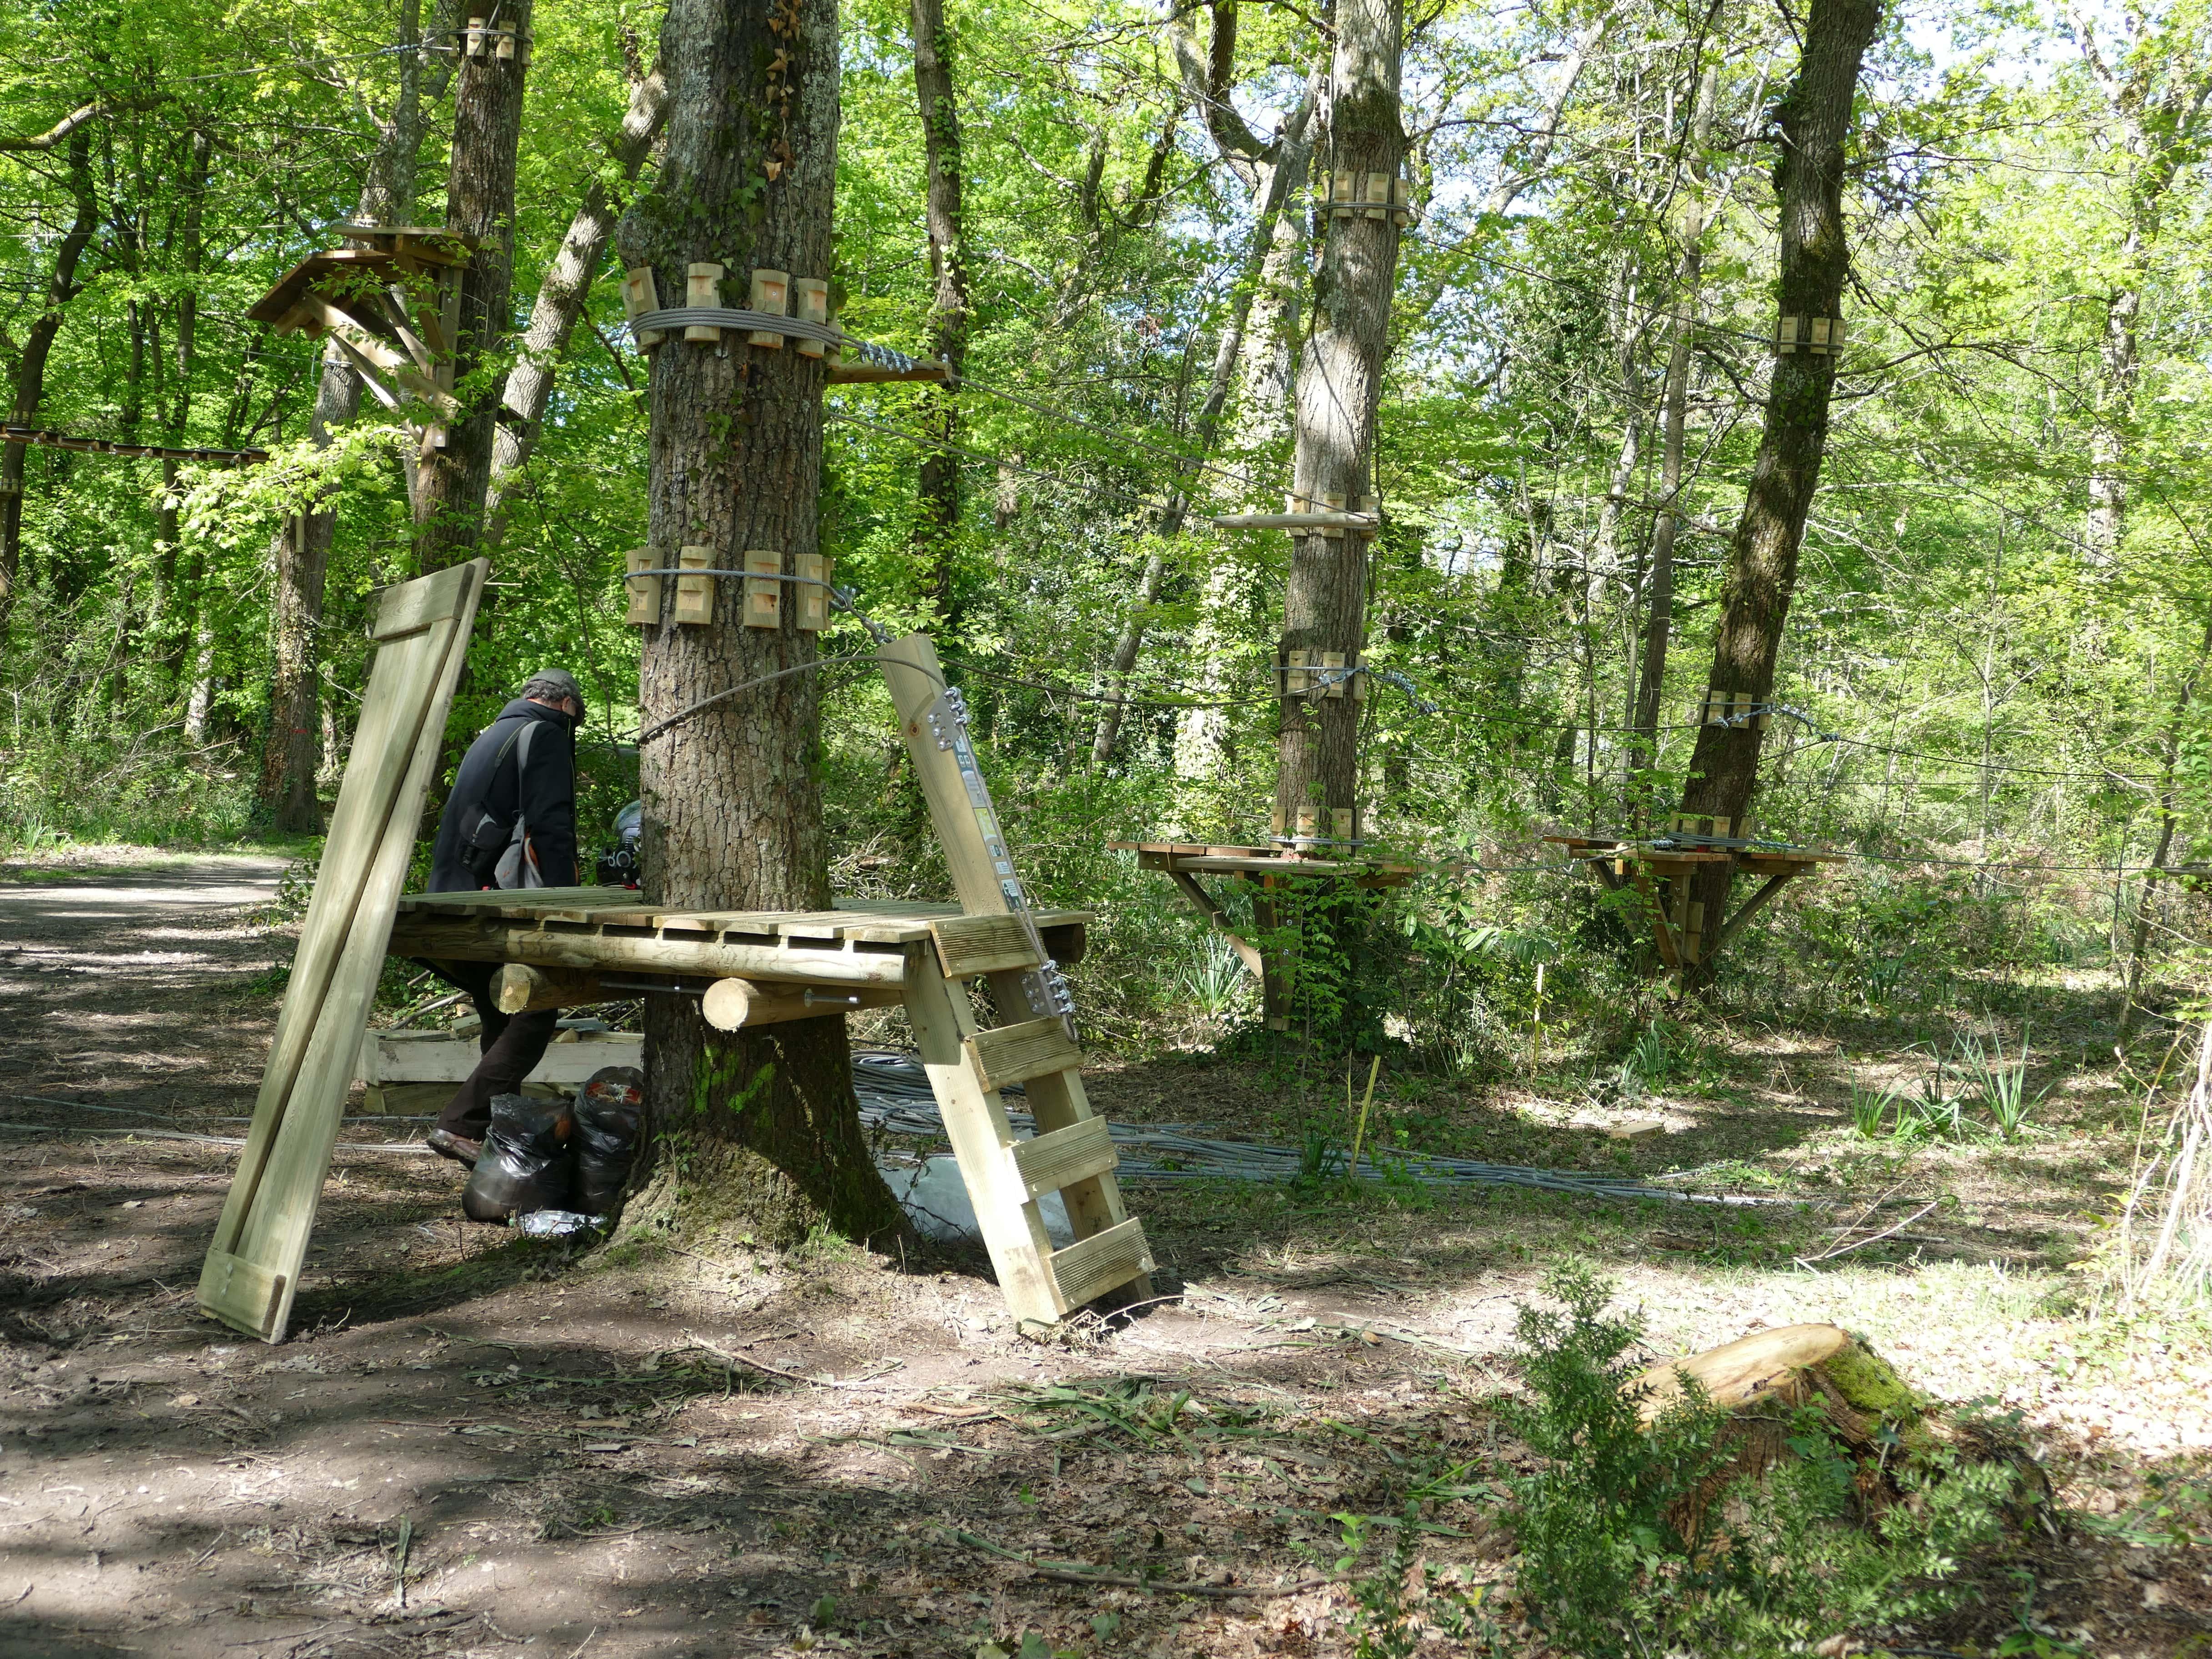 Bois de Thouarsà Talence l u2019accrobranche de la discorde Rue89 Bordeaux # Accrobranche Saint Léonard Des Bois